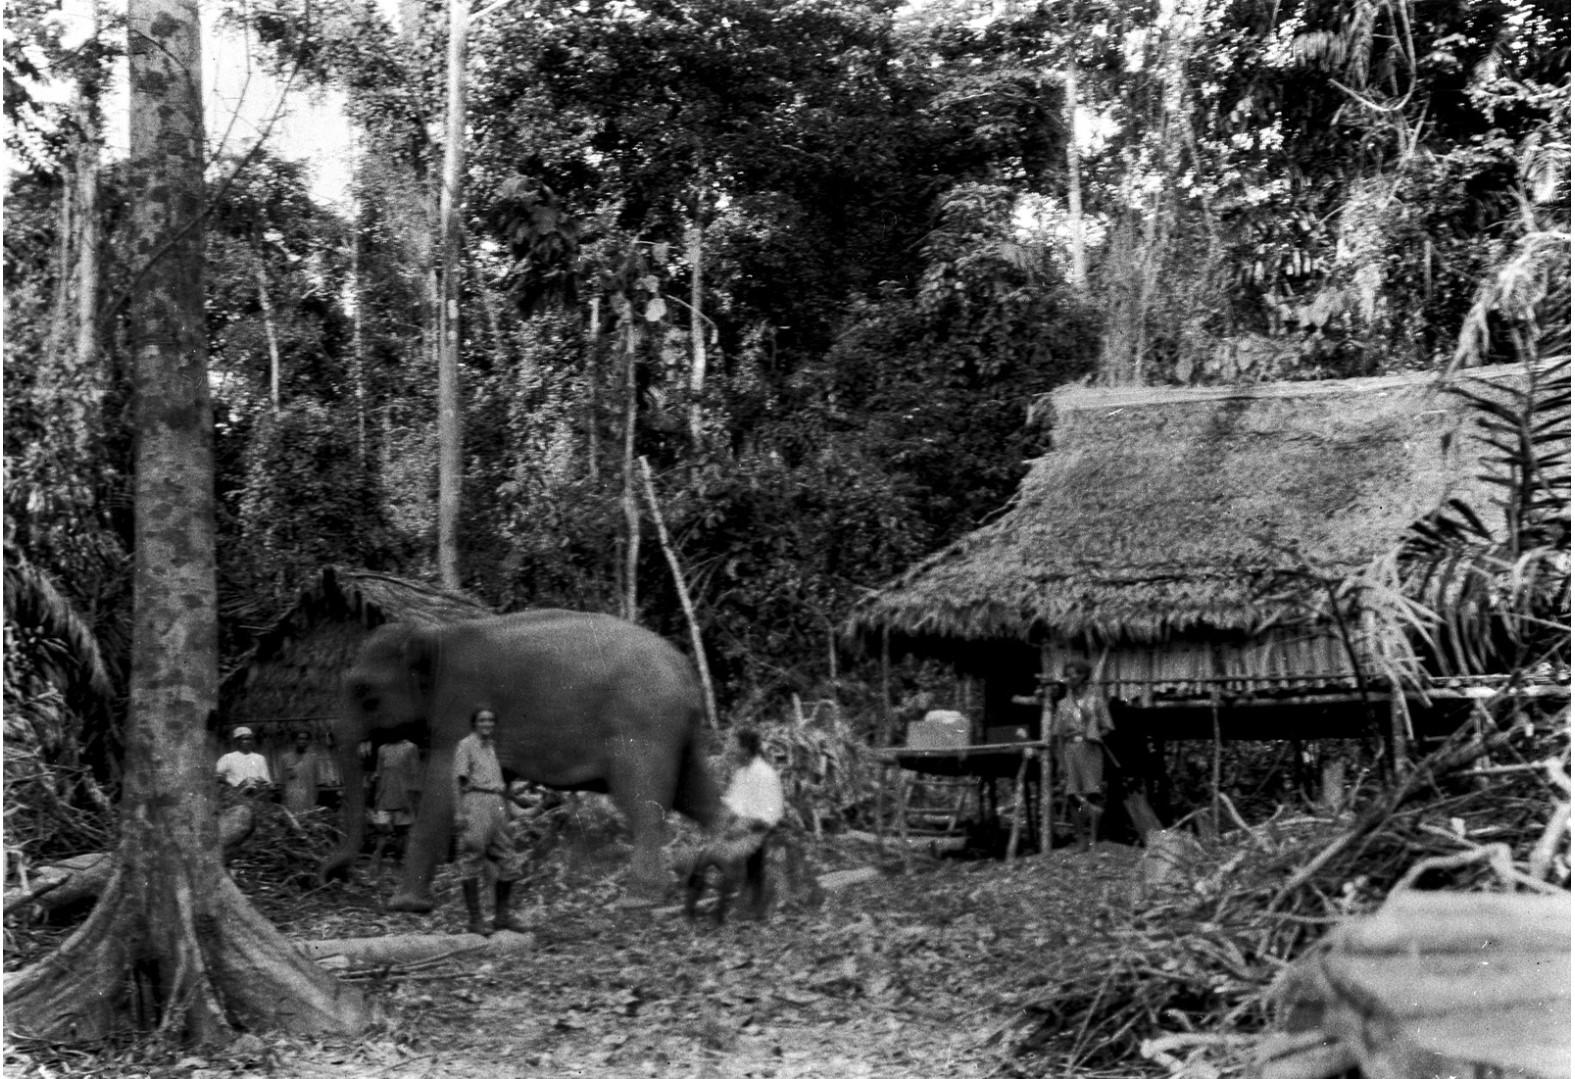 1147. Дом лесничих. Слон числится работником лесного хозяйства